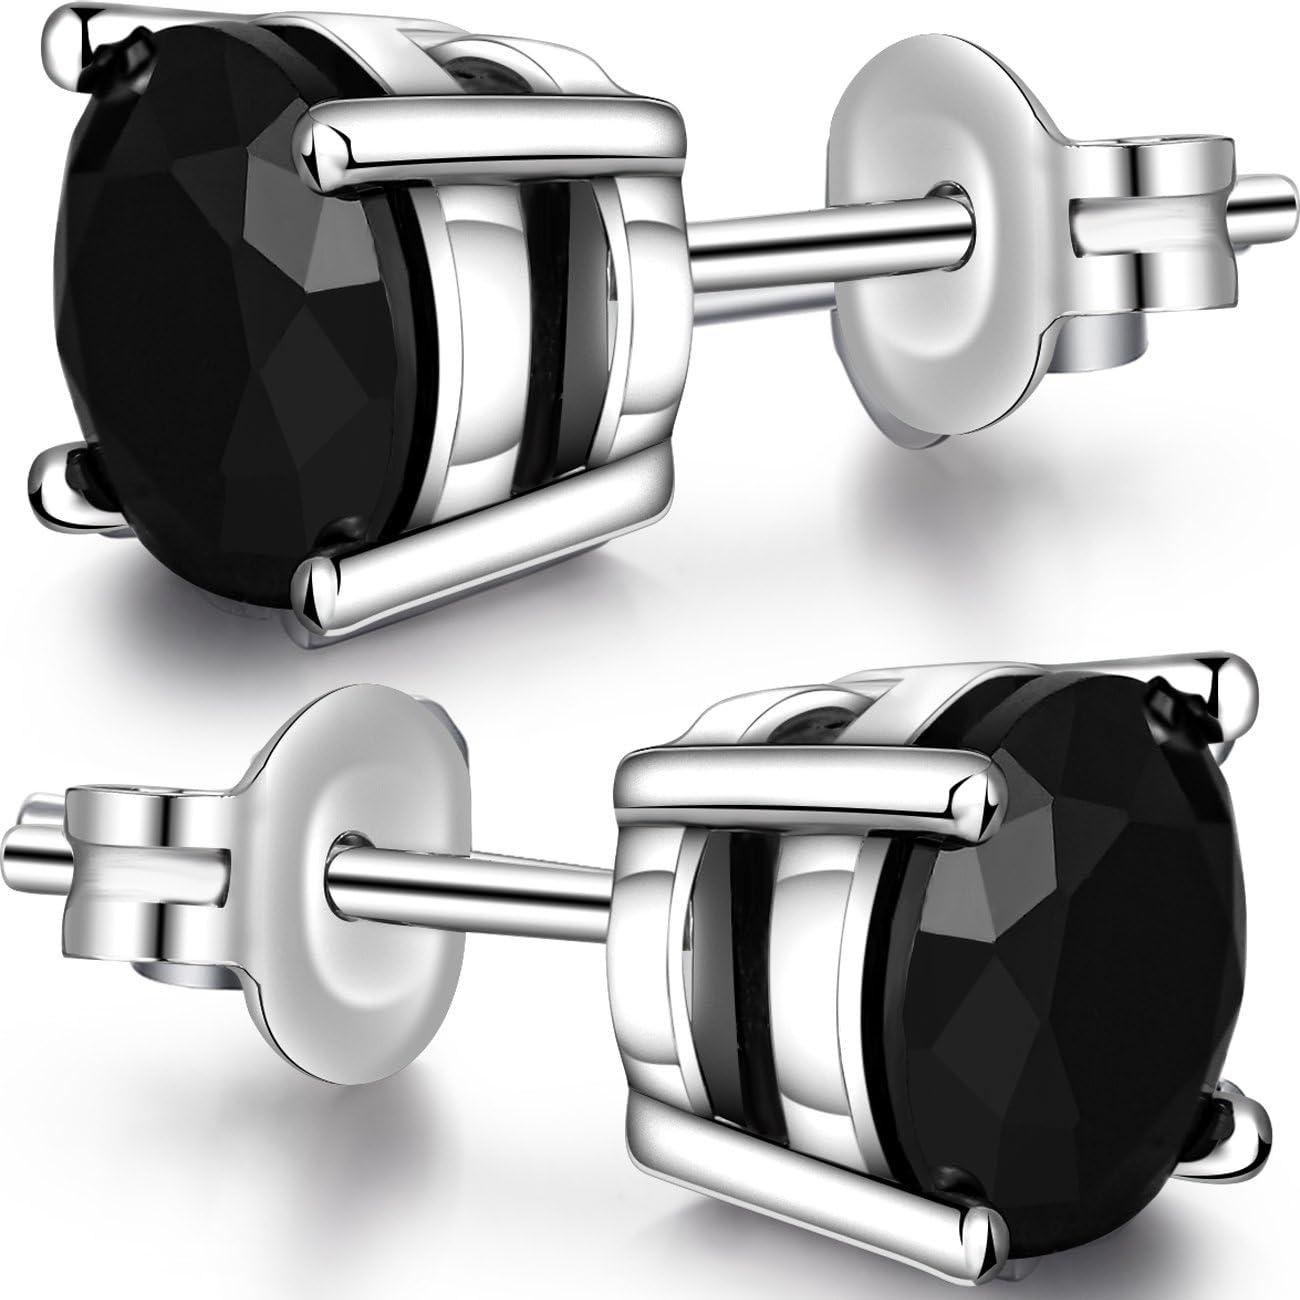 Jiamiao Pendiente Plata de Ley 925 Unisex Cristal Zirconia Diseño Simple, AAAAA + Zircon Pendientes de diamantes Pendientes de plata para mujeres/Hombres/Unisex, 4-8 mm